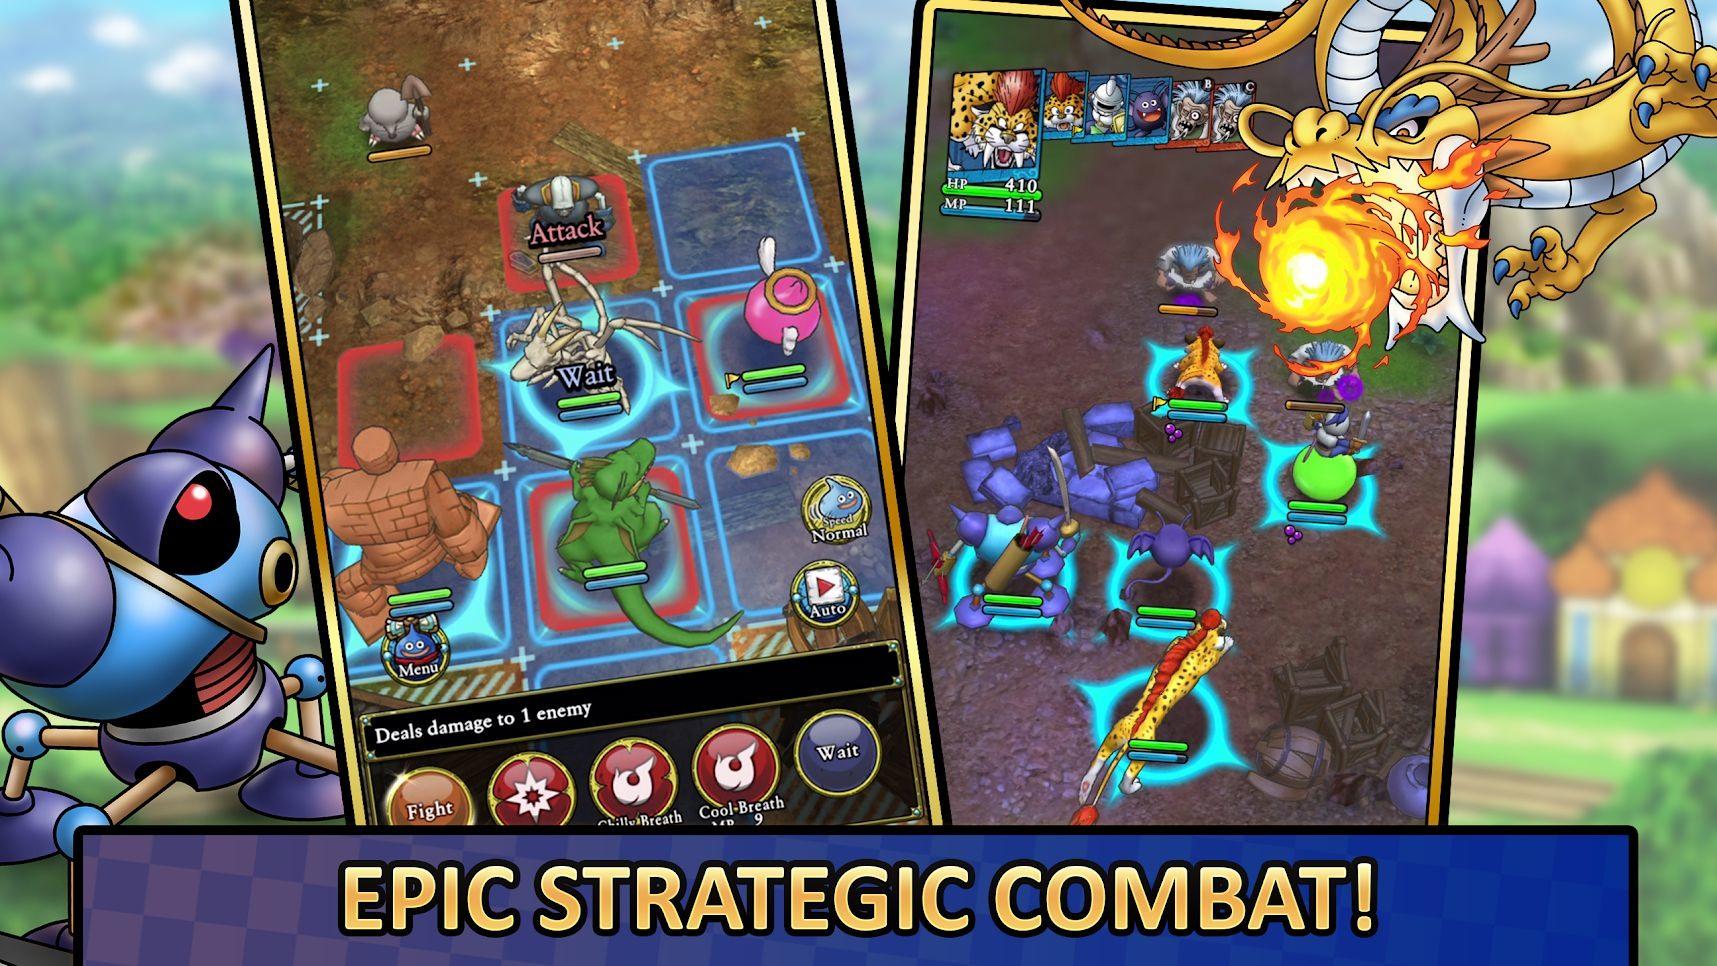 戰略RPG《勇者鬥惡龍 戰略指揮家》 國際版搶先領略風格玩法